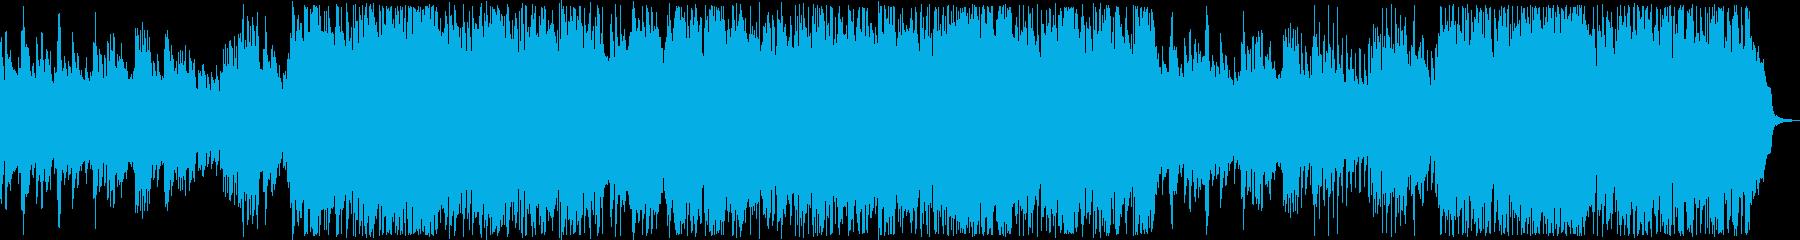 ピアノの音色が心地よい優しいバラードの再生済みの波形